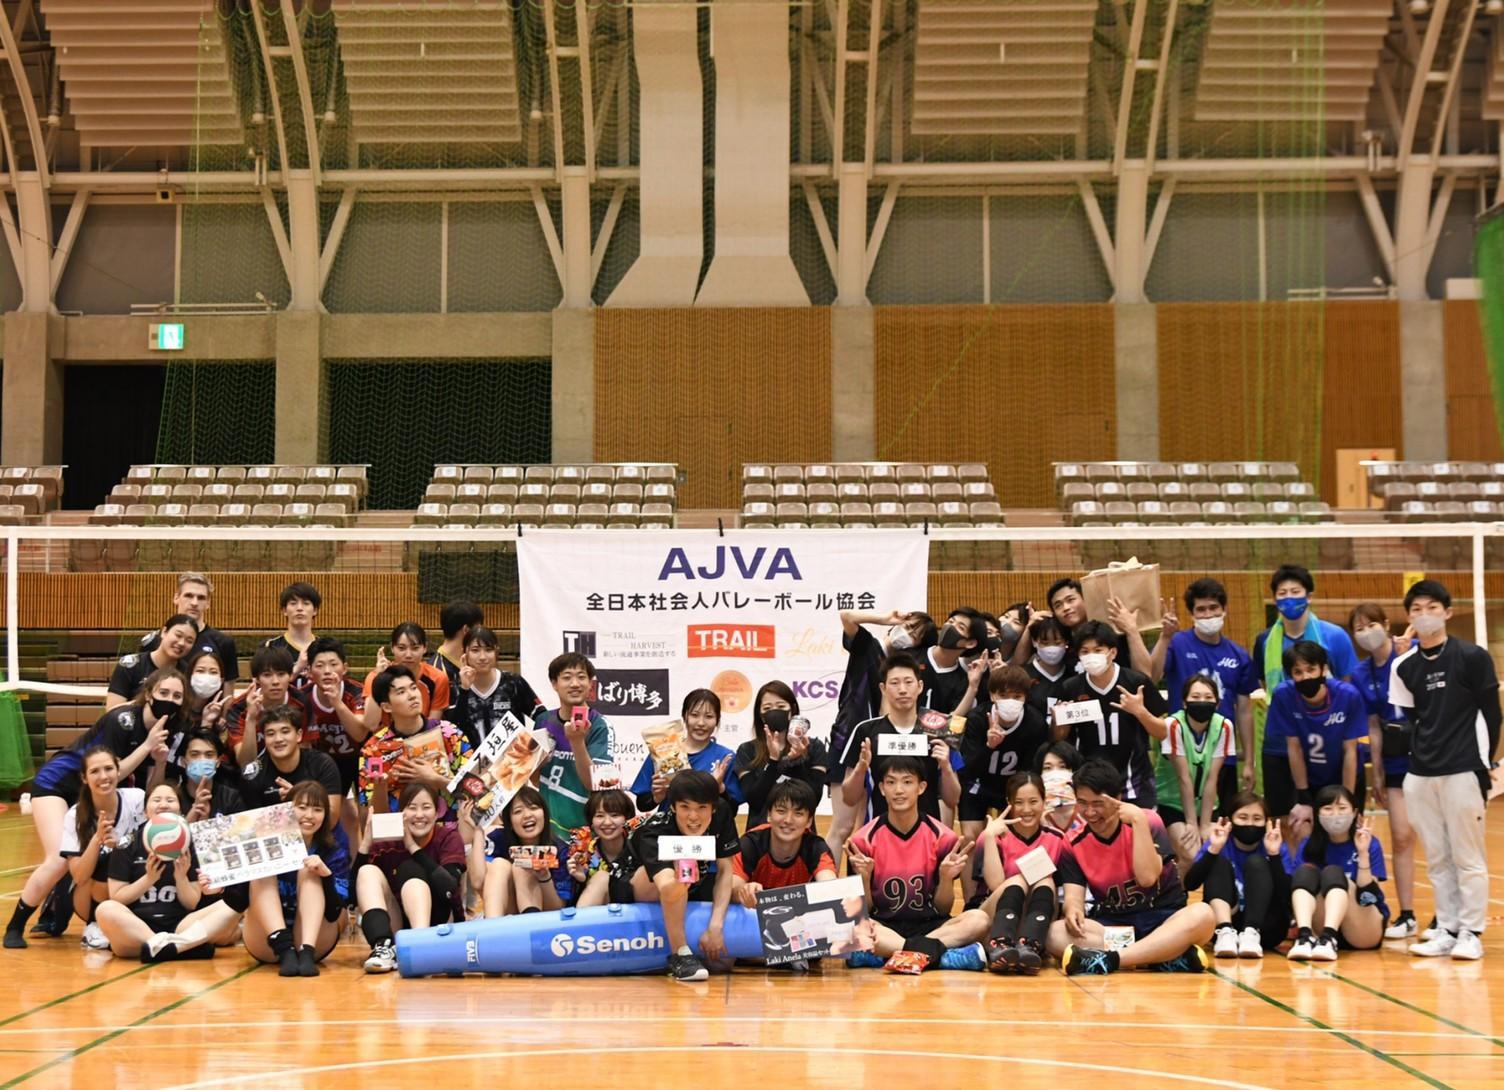 4月3日 第14回 男女混合バレーボール オープン大会